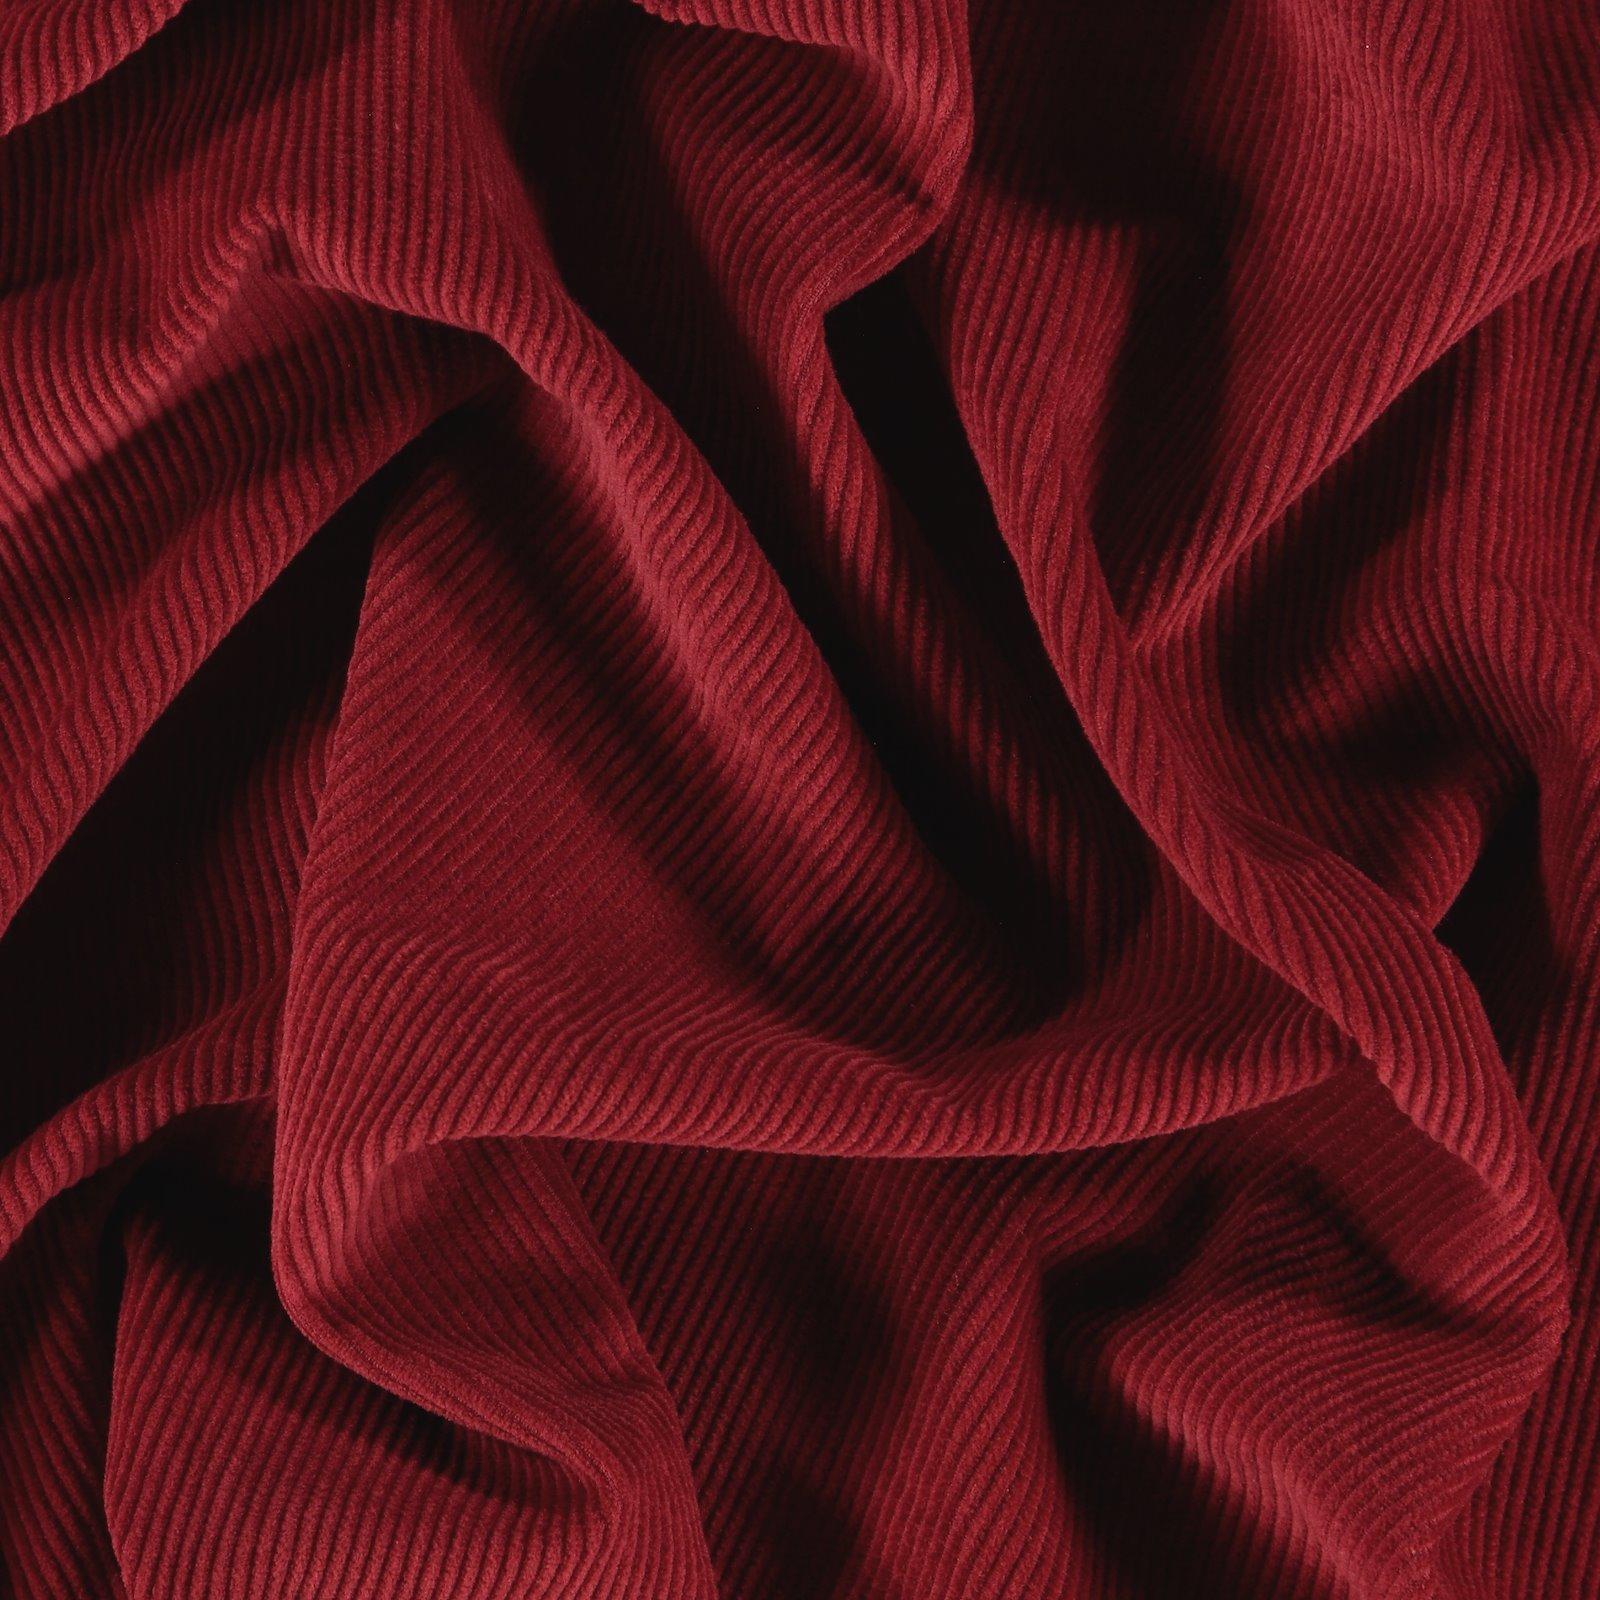 Corduroy 8 wales dark red